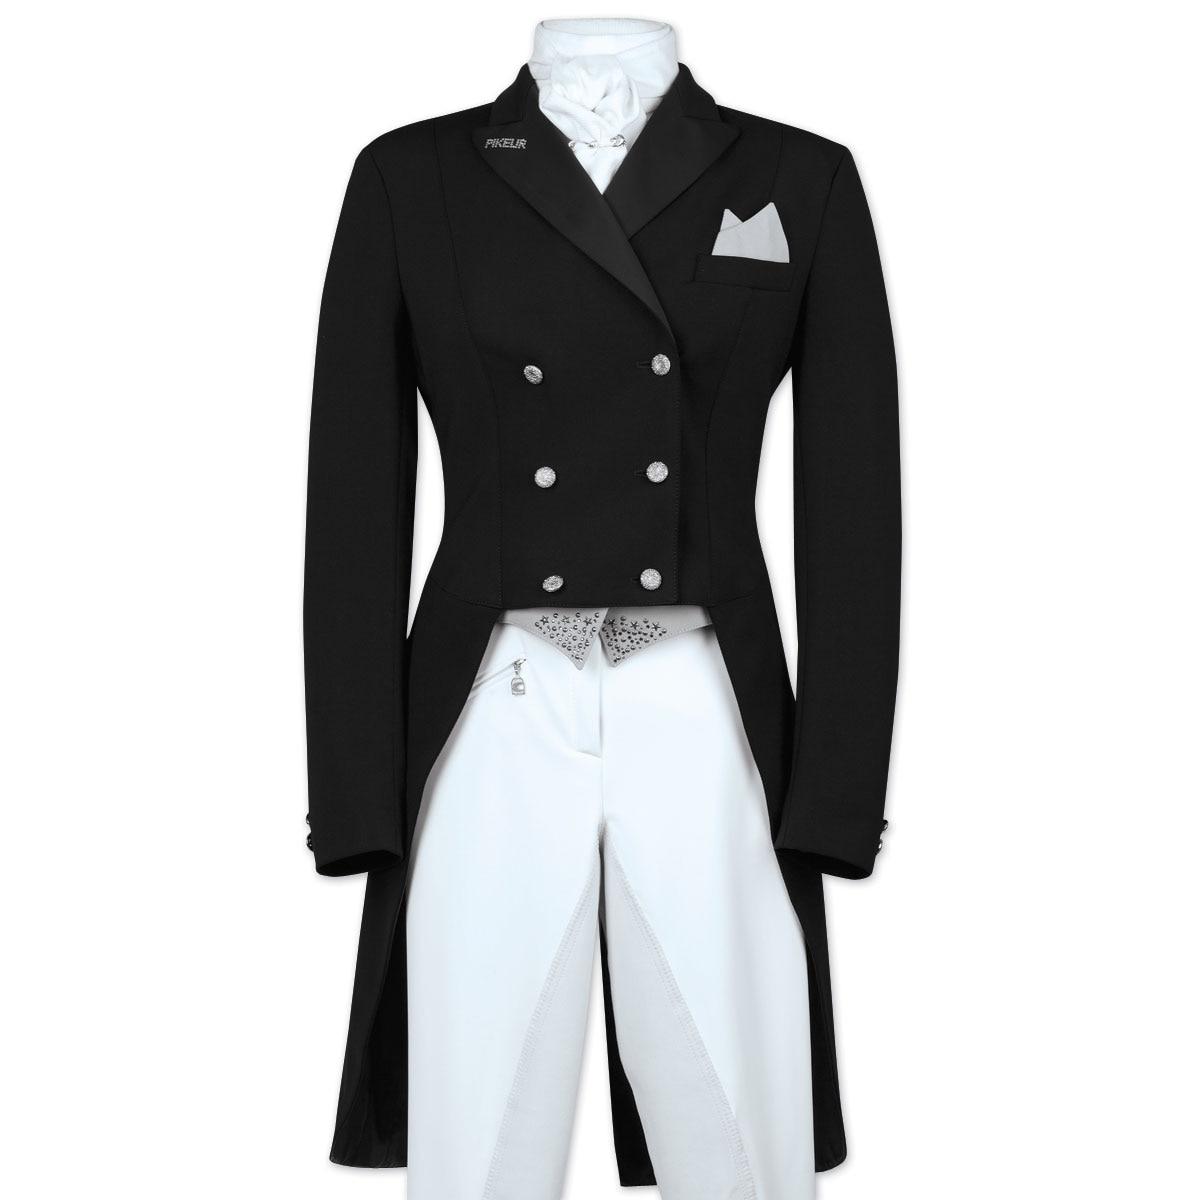 Pikeur Jersey Dressage Shadbelly